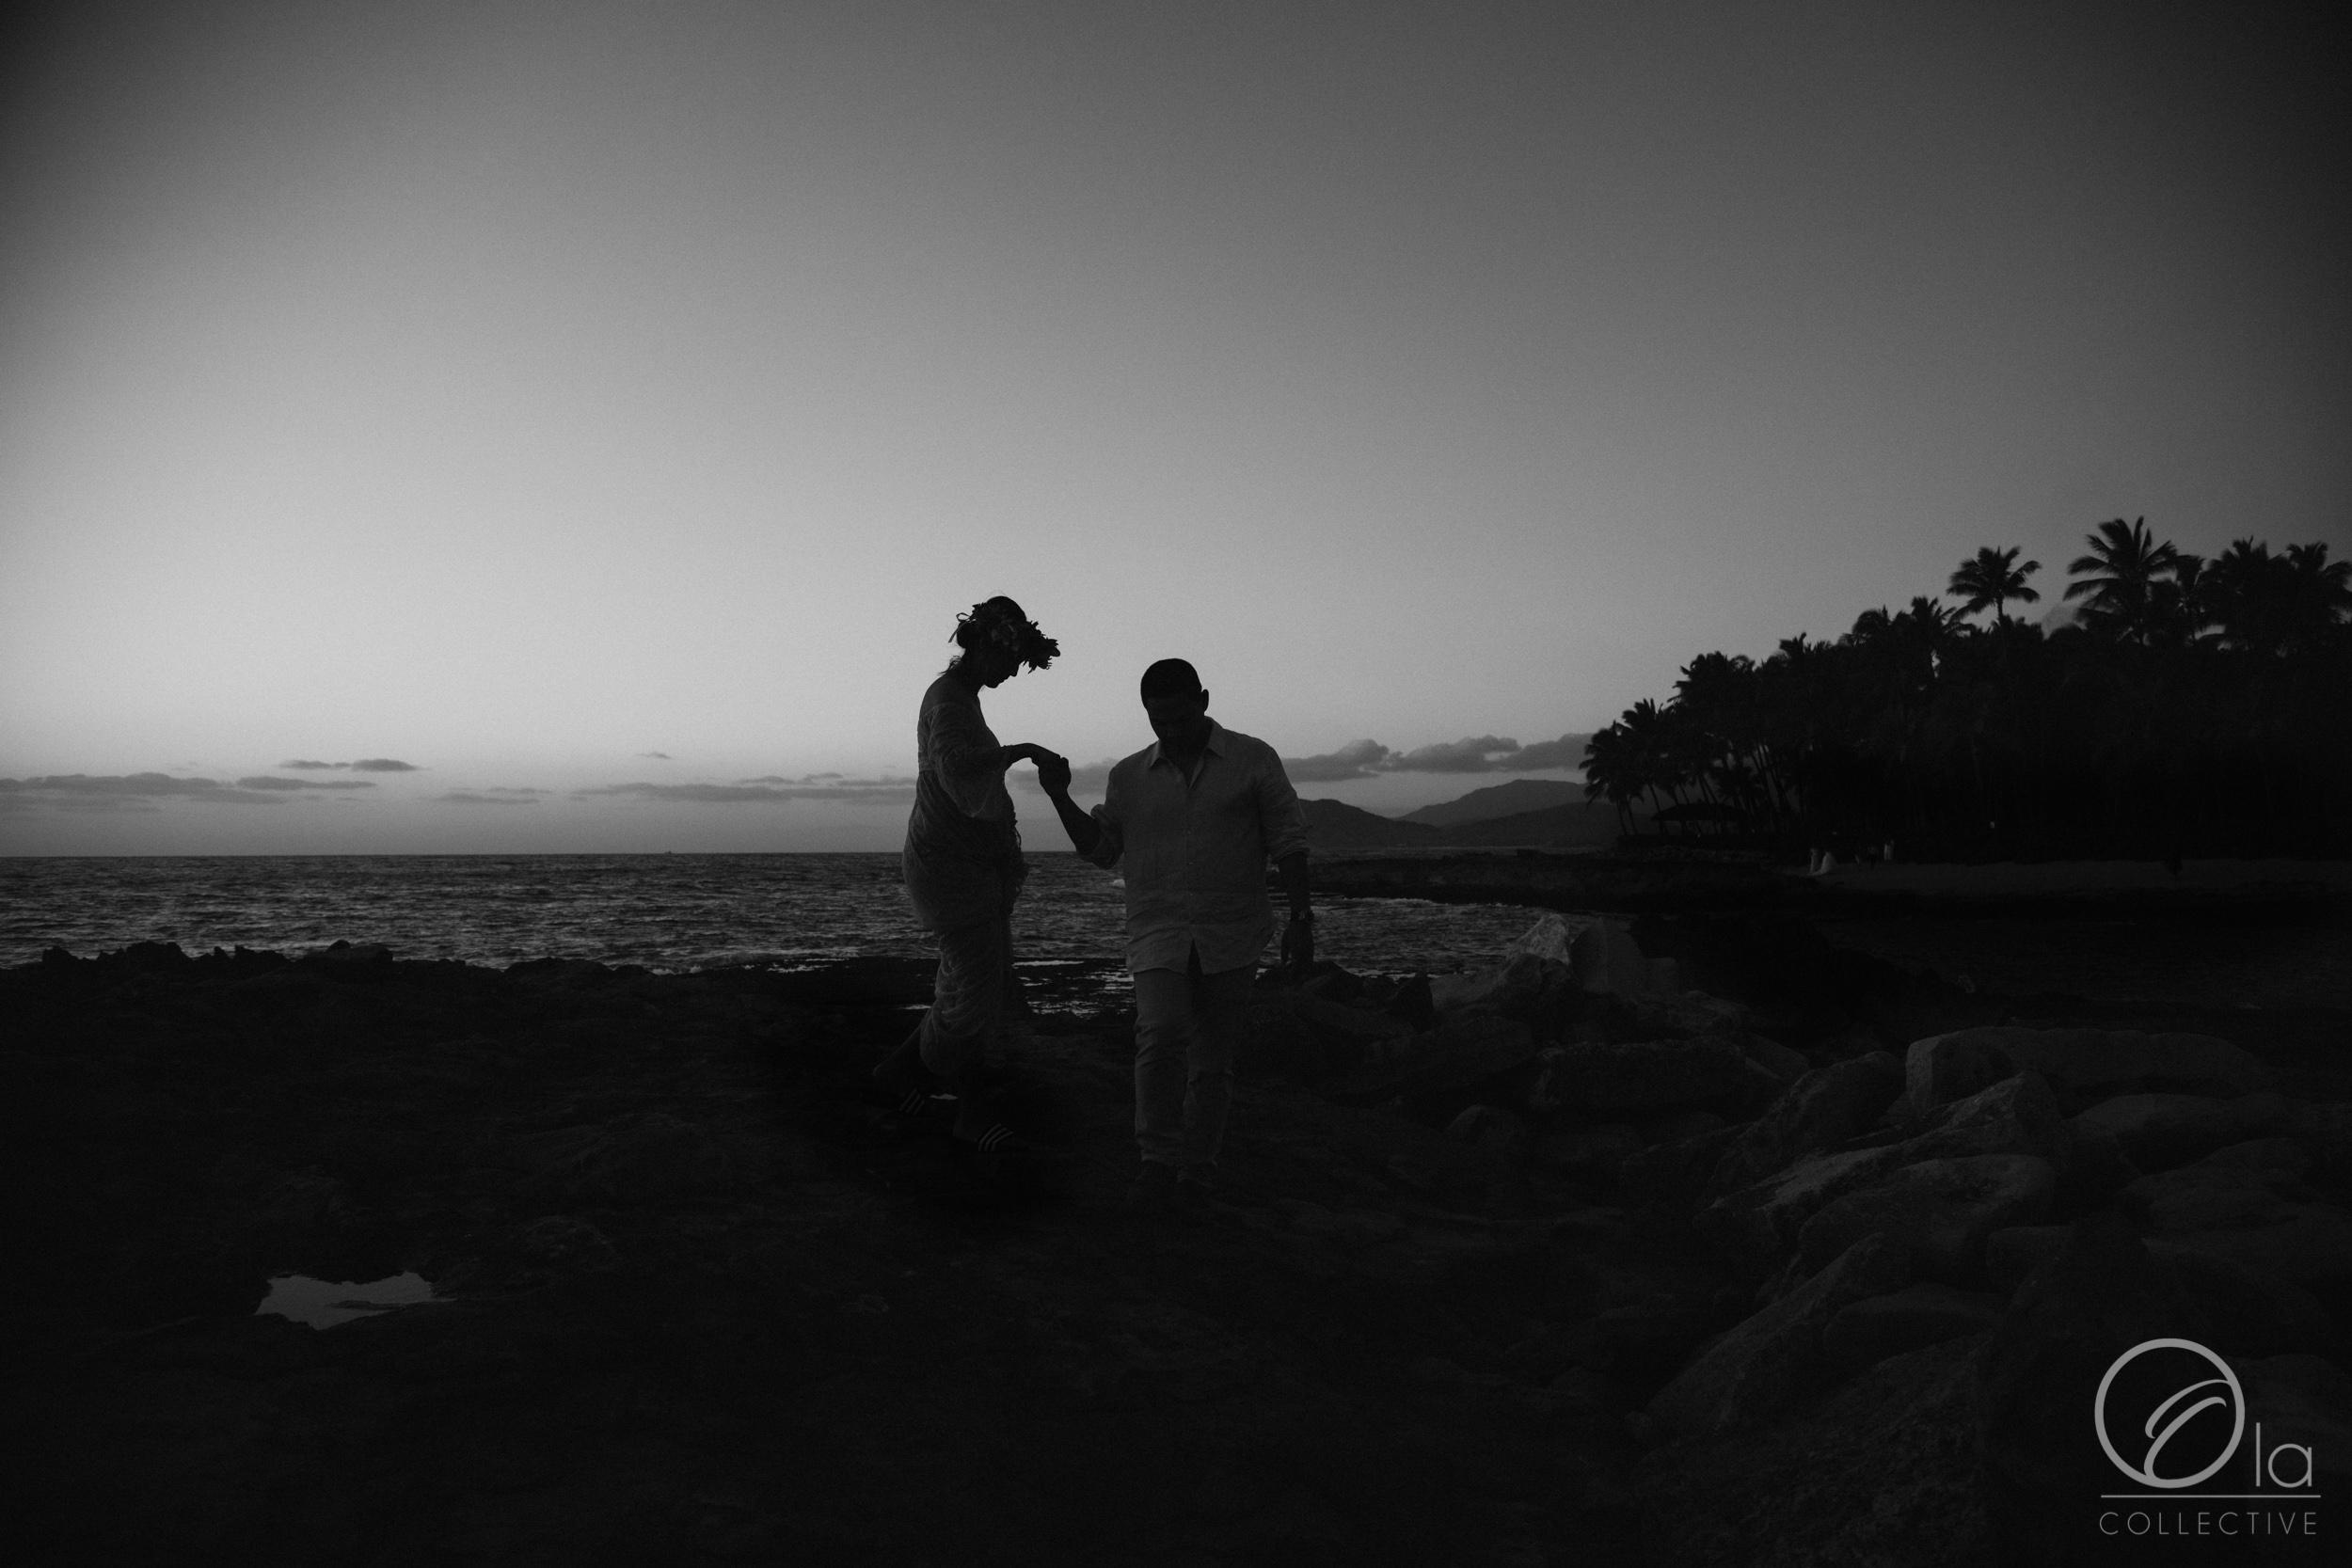 Four-Seasons-Oahu-Maternity-Photographer-Ola-Collective-8.jpg